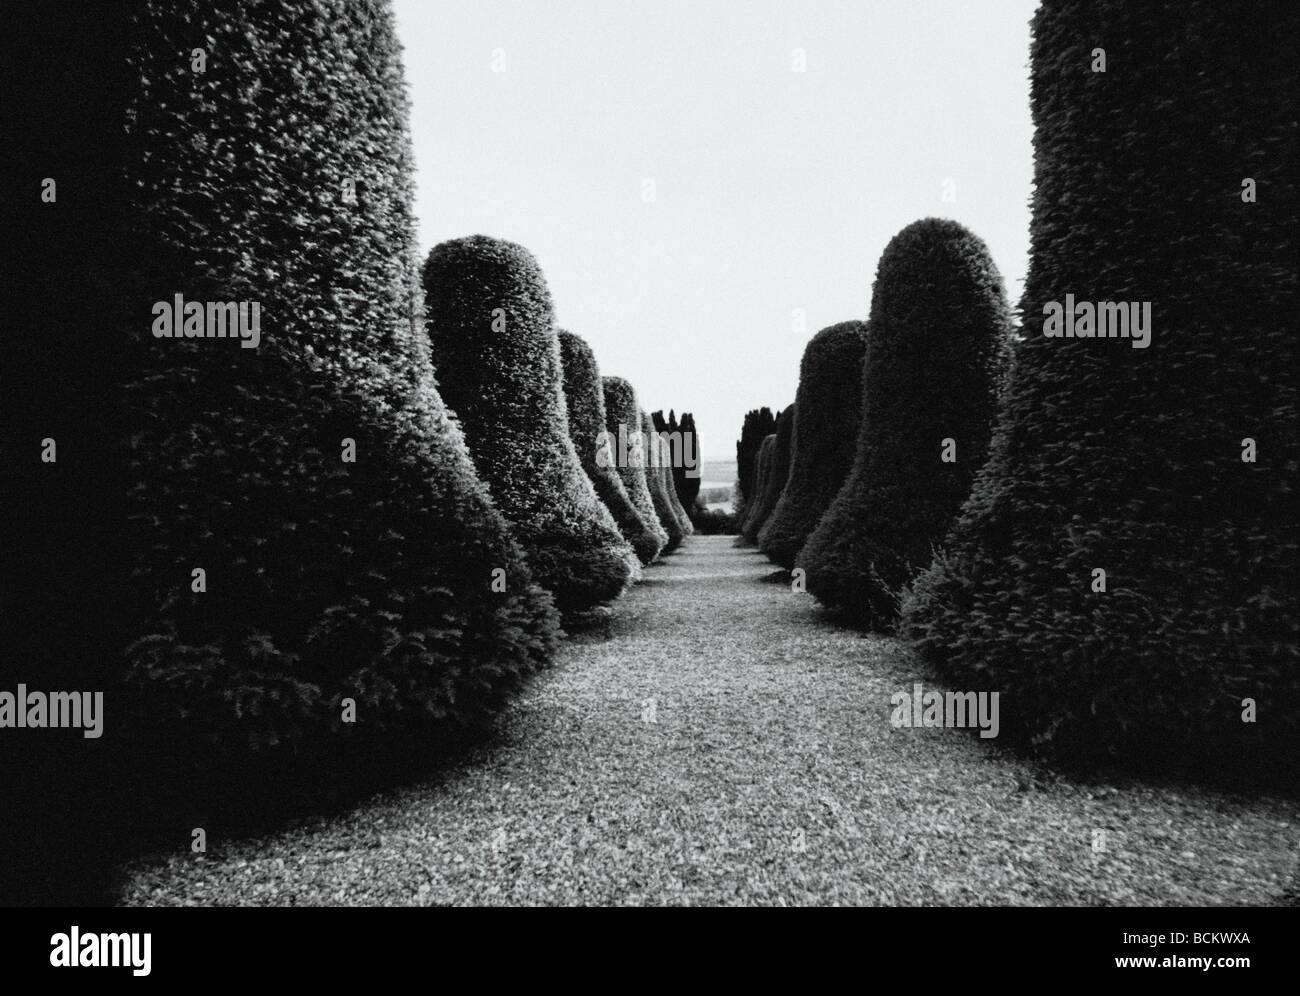 Lignes de topiary hedges, b&w Photo Stock